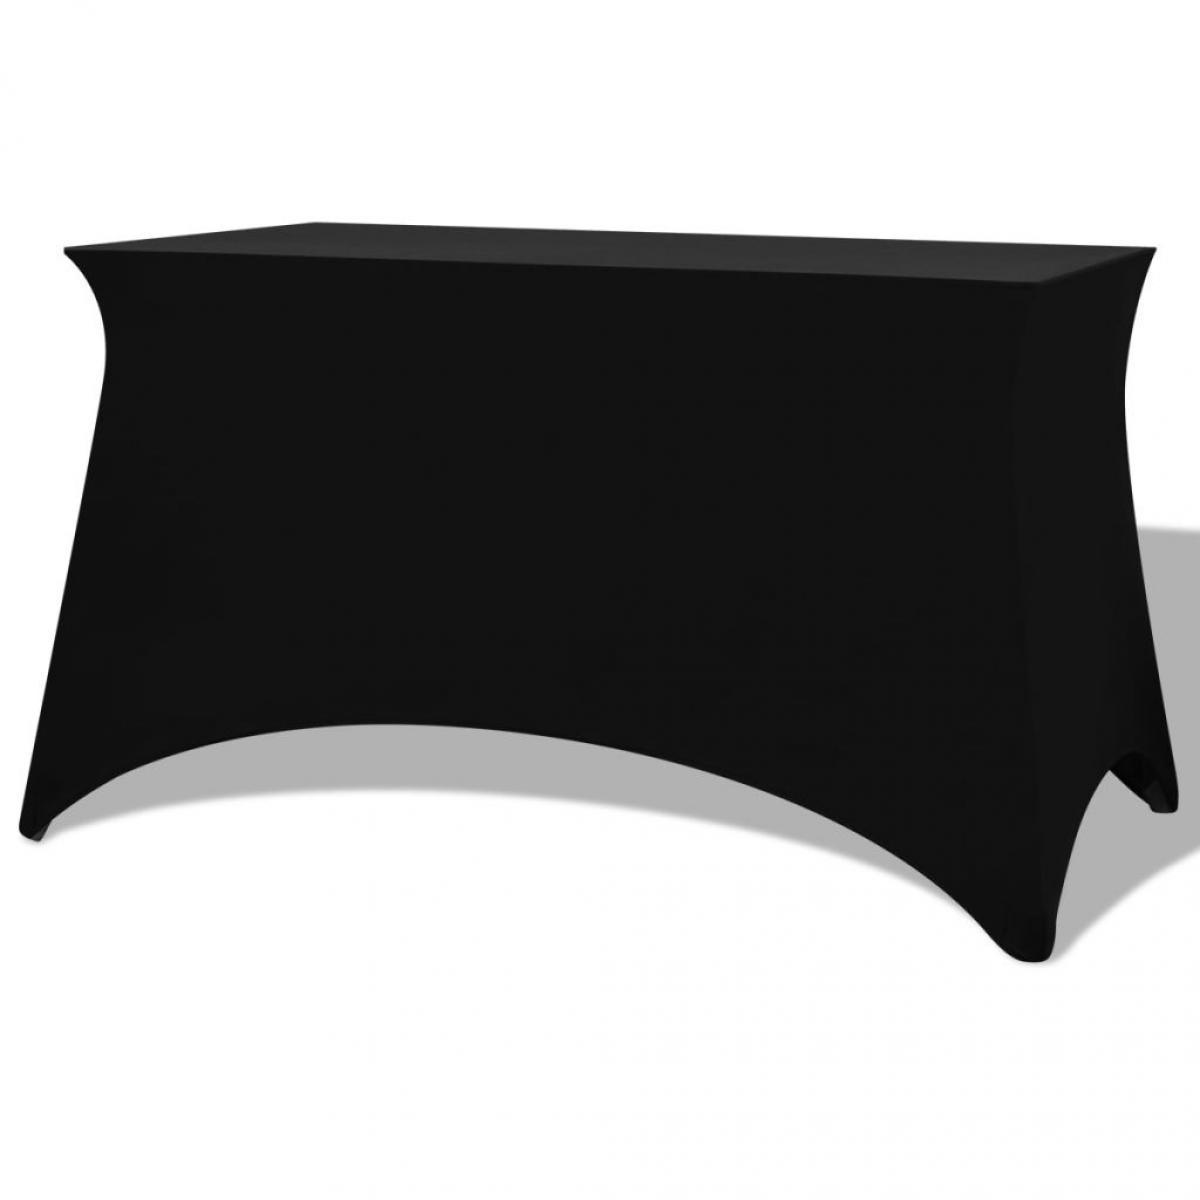 Vidaxl Housses extensibles pour table 2 pièces 183 x 76 x 74 cm Noir - Noir